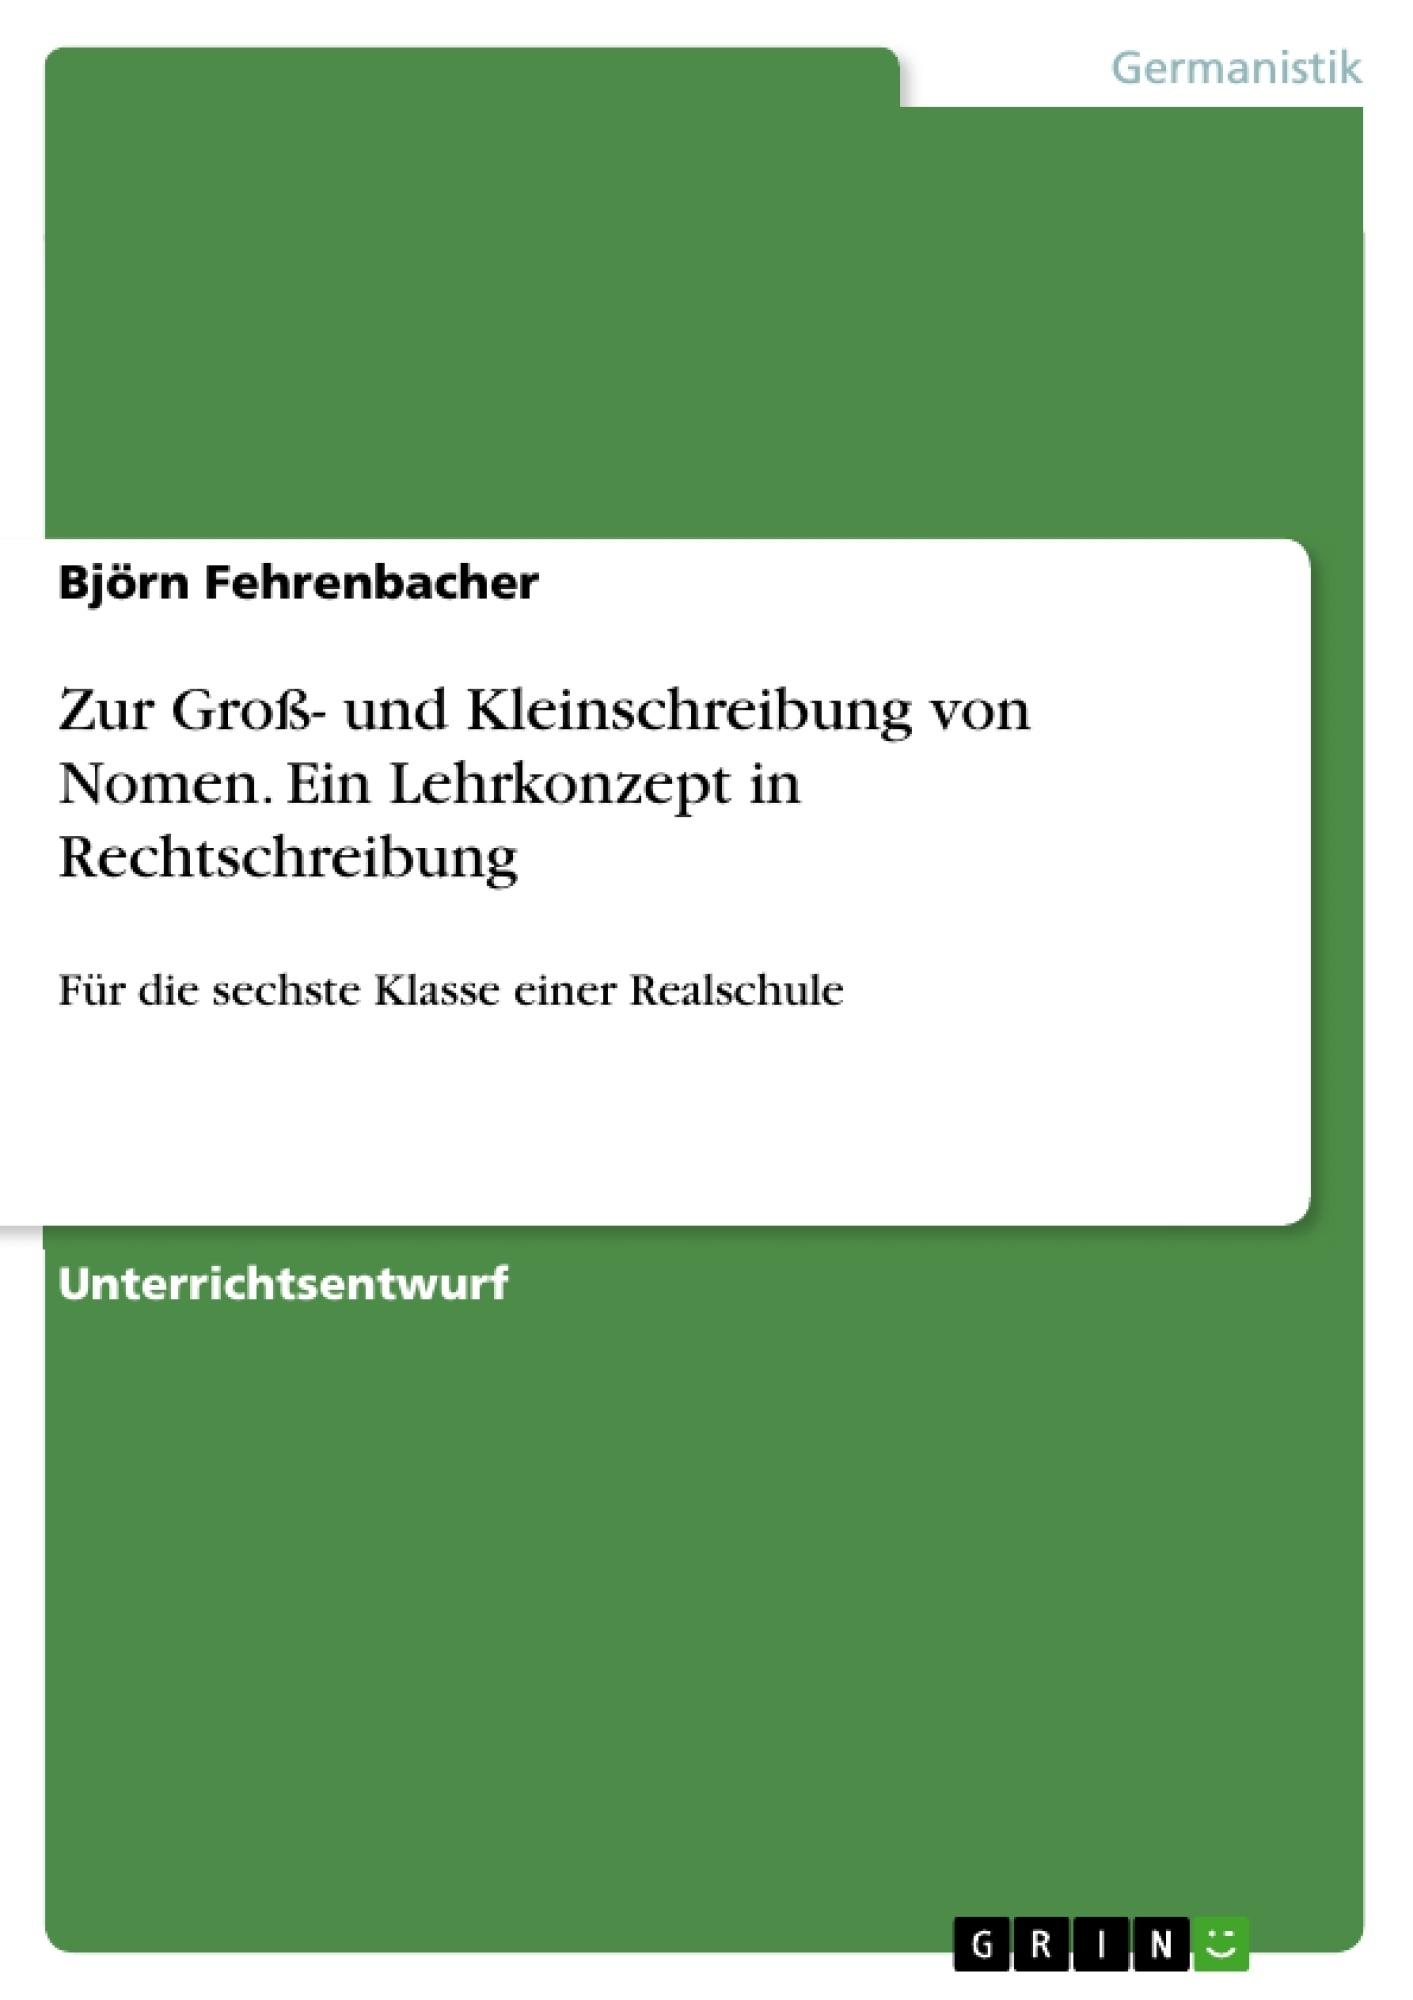 Zur Groß- und Kleinschreibung von Nomen. Ein Lehrkonzept in ...